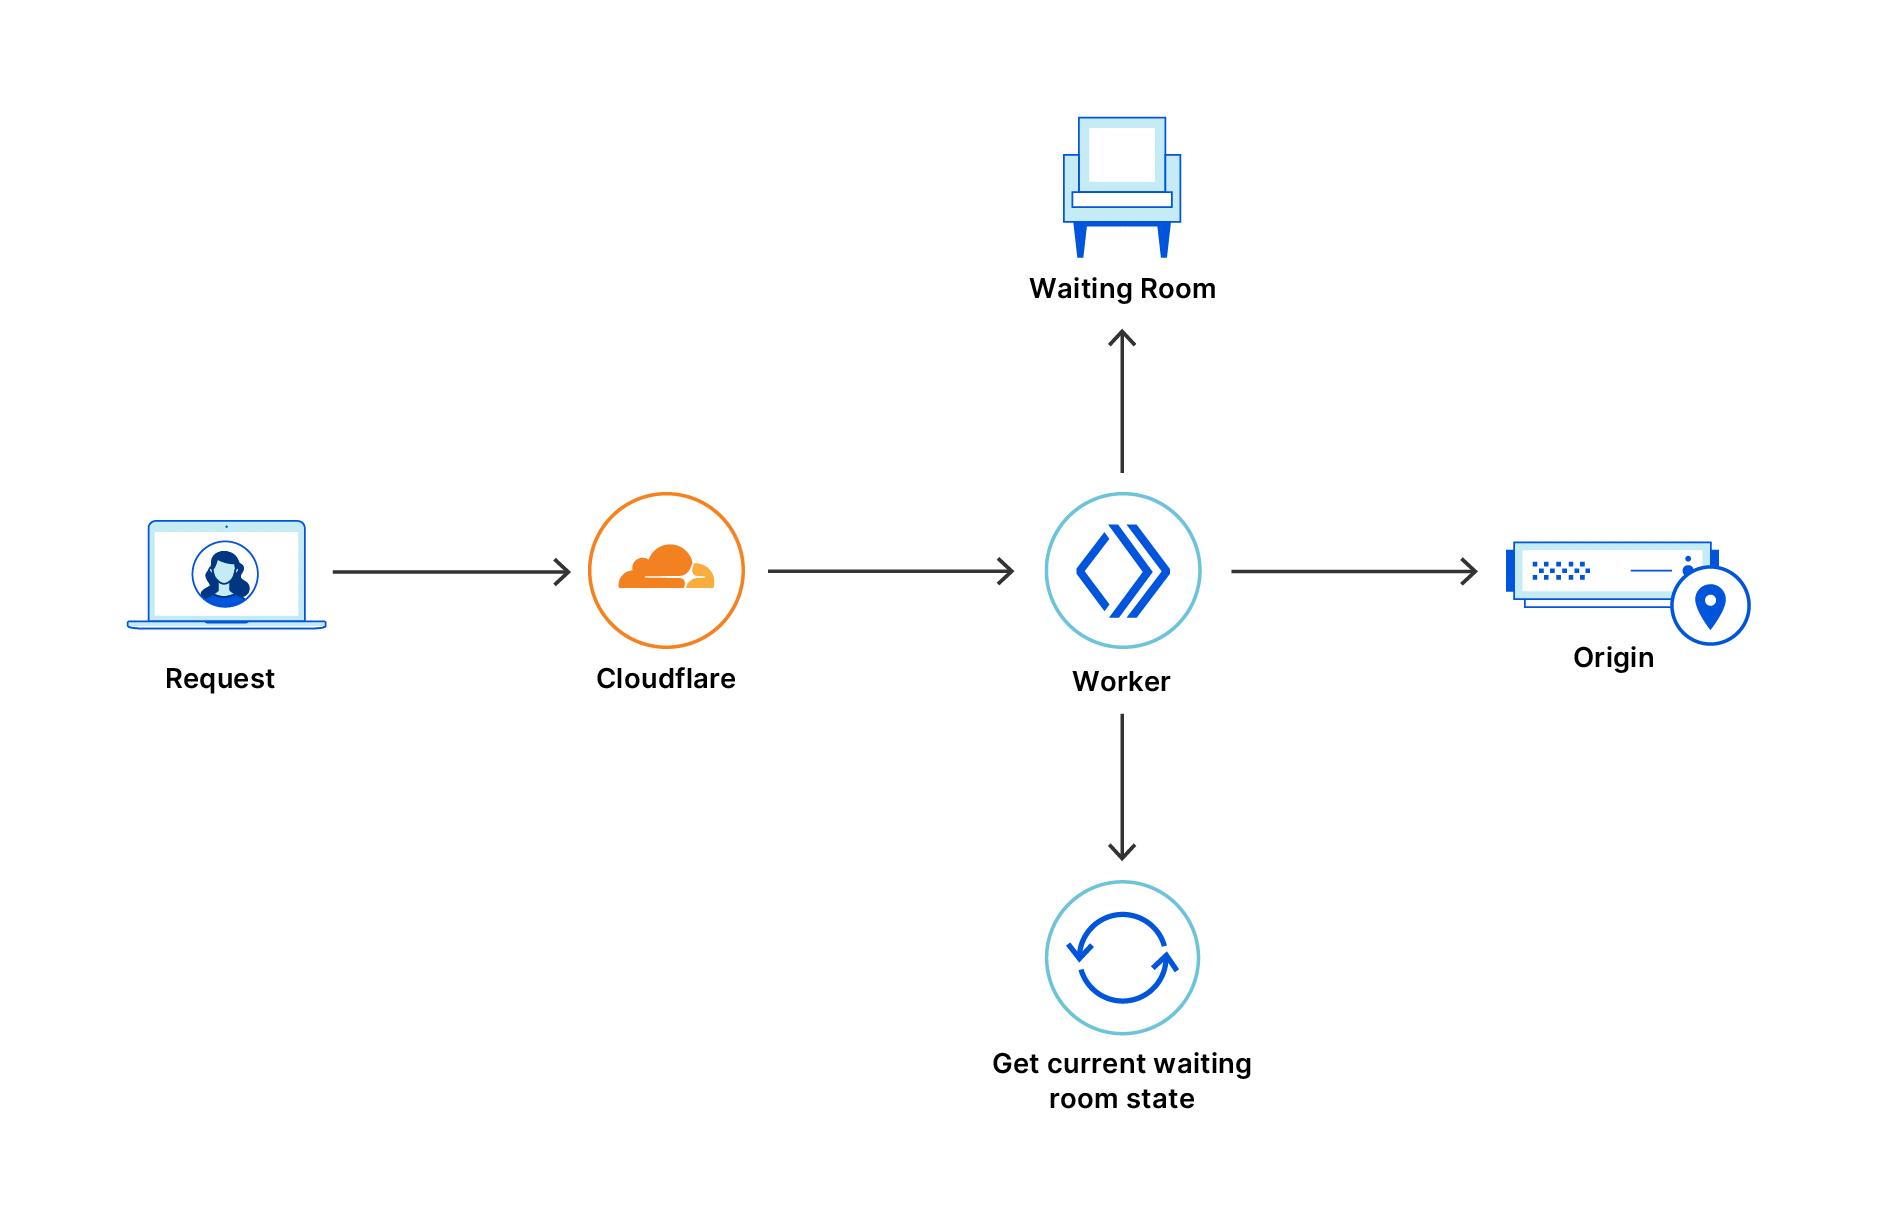 Anfrage durchläuft Cloudflare mit einem Waiting Room